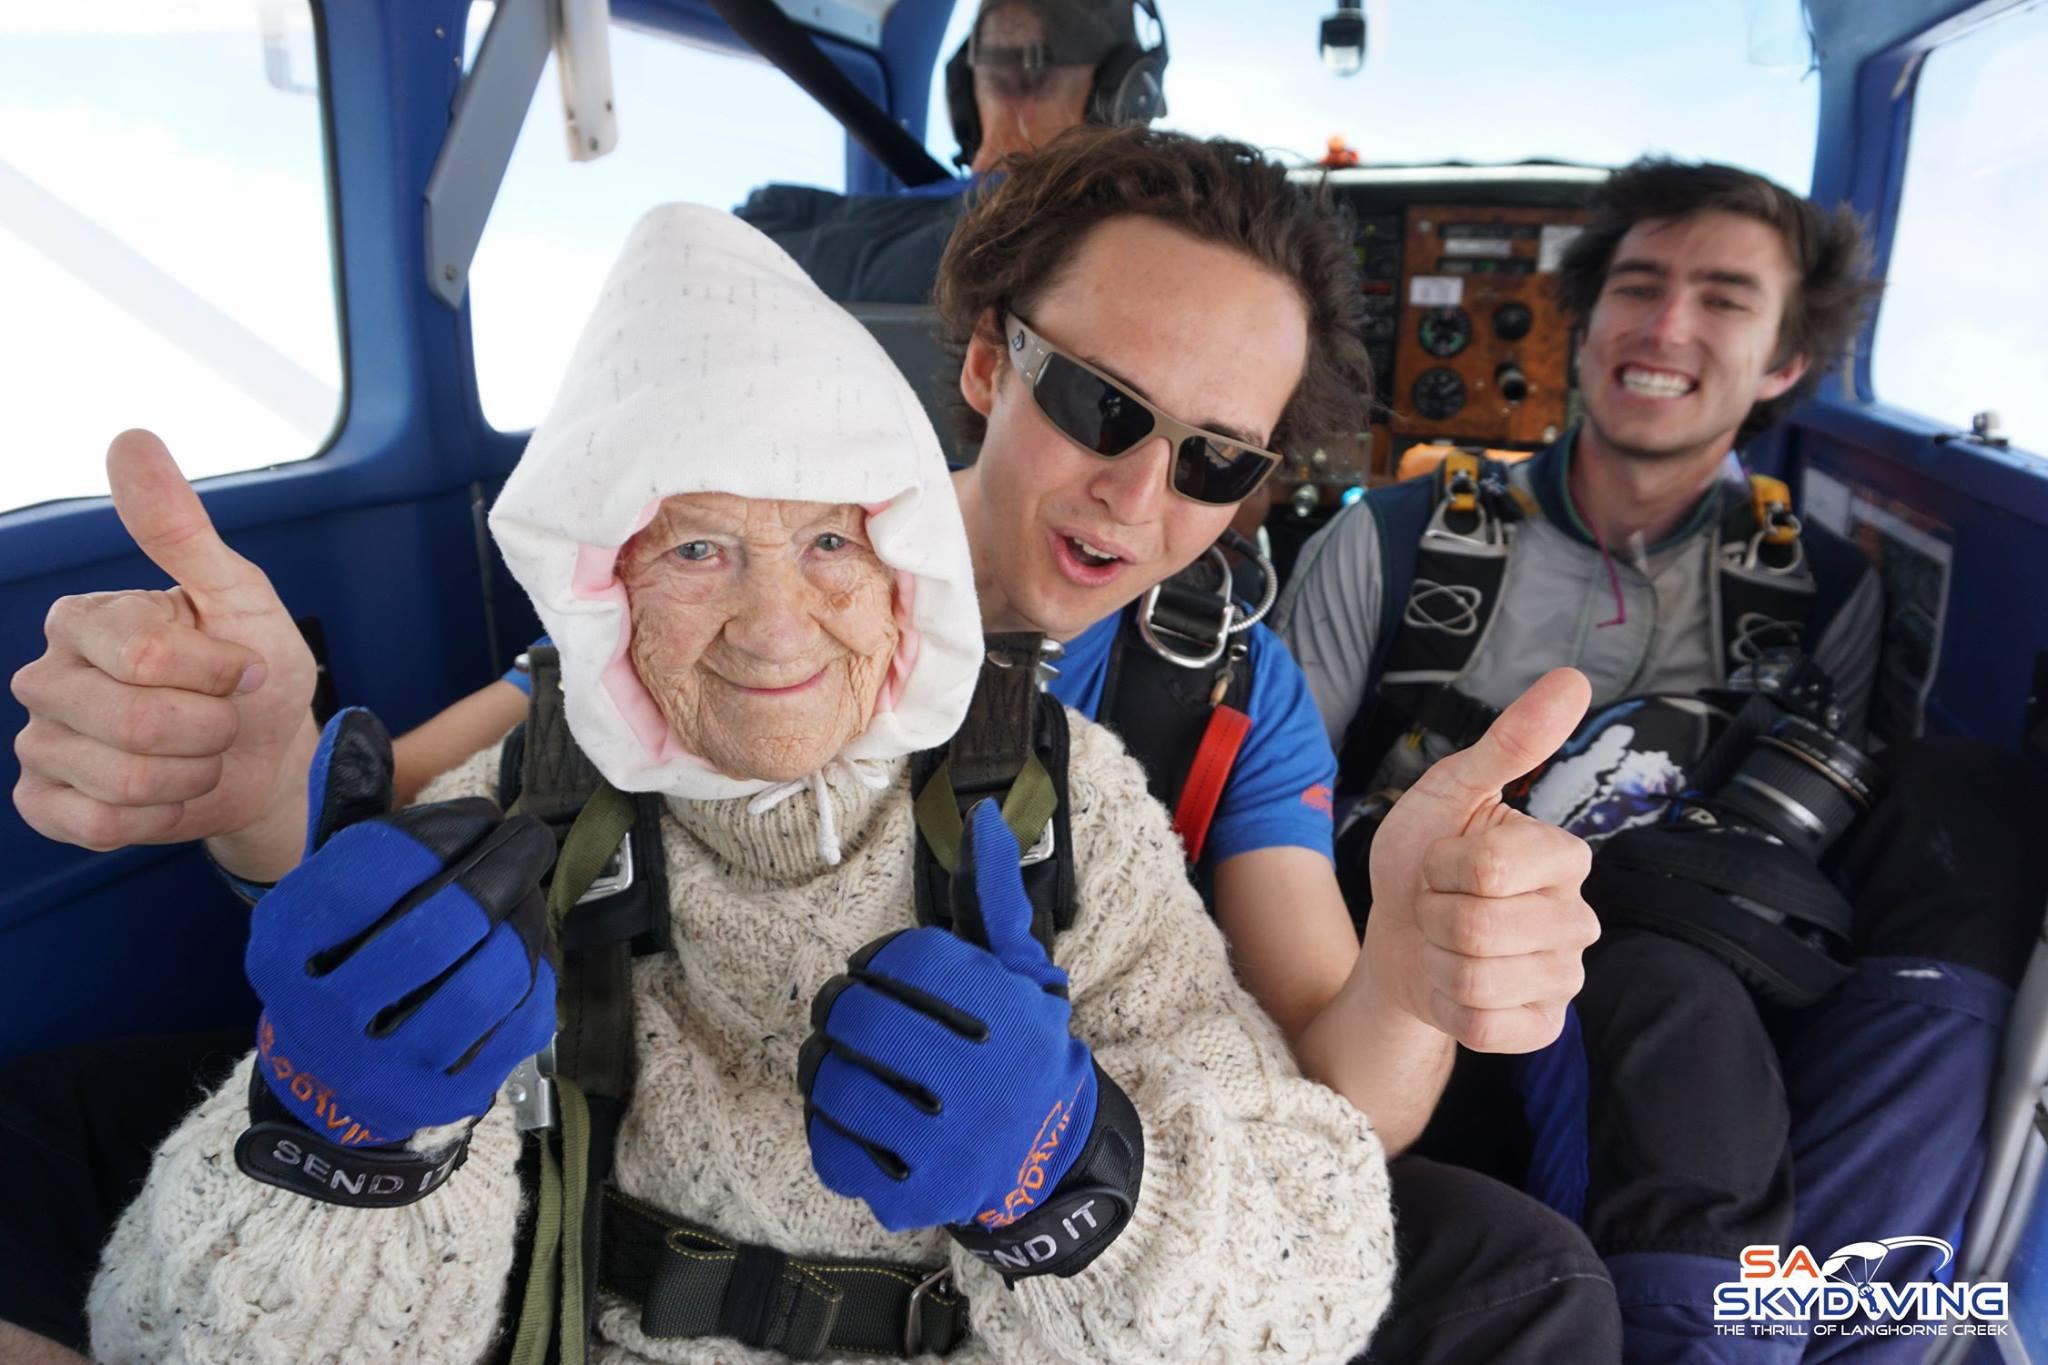 Hell Yeah! Esta viejita de 102 años es la persona más grande en aventarse de un paracaídas